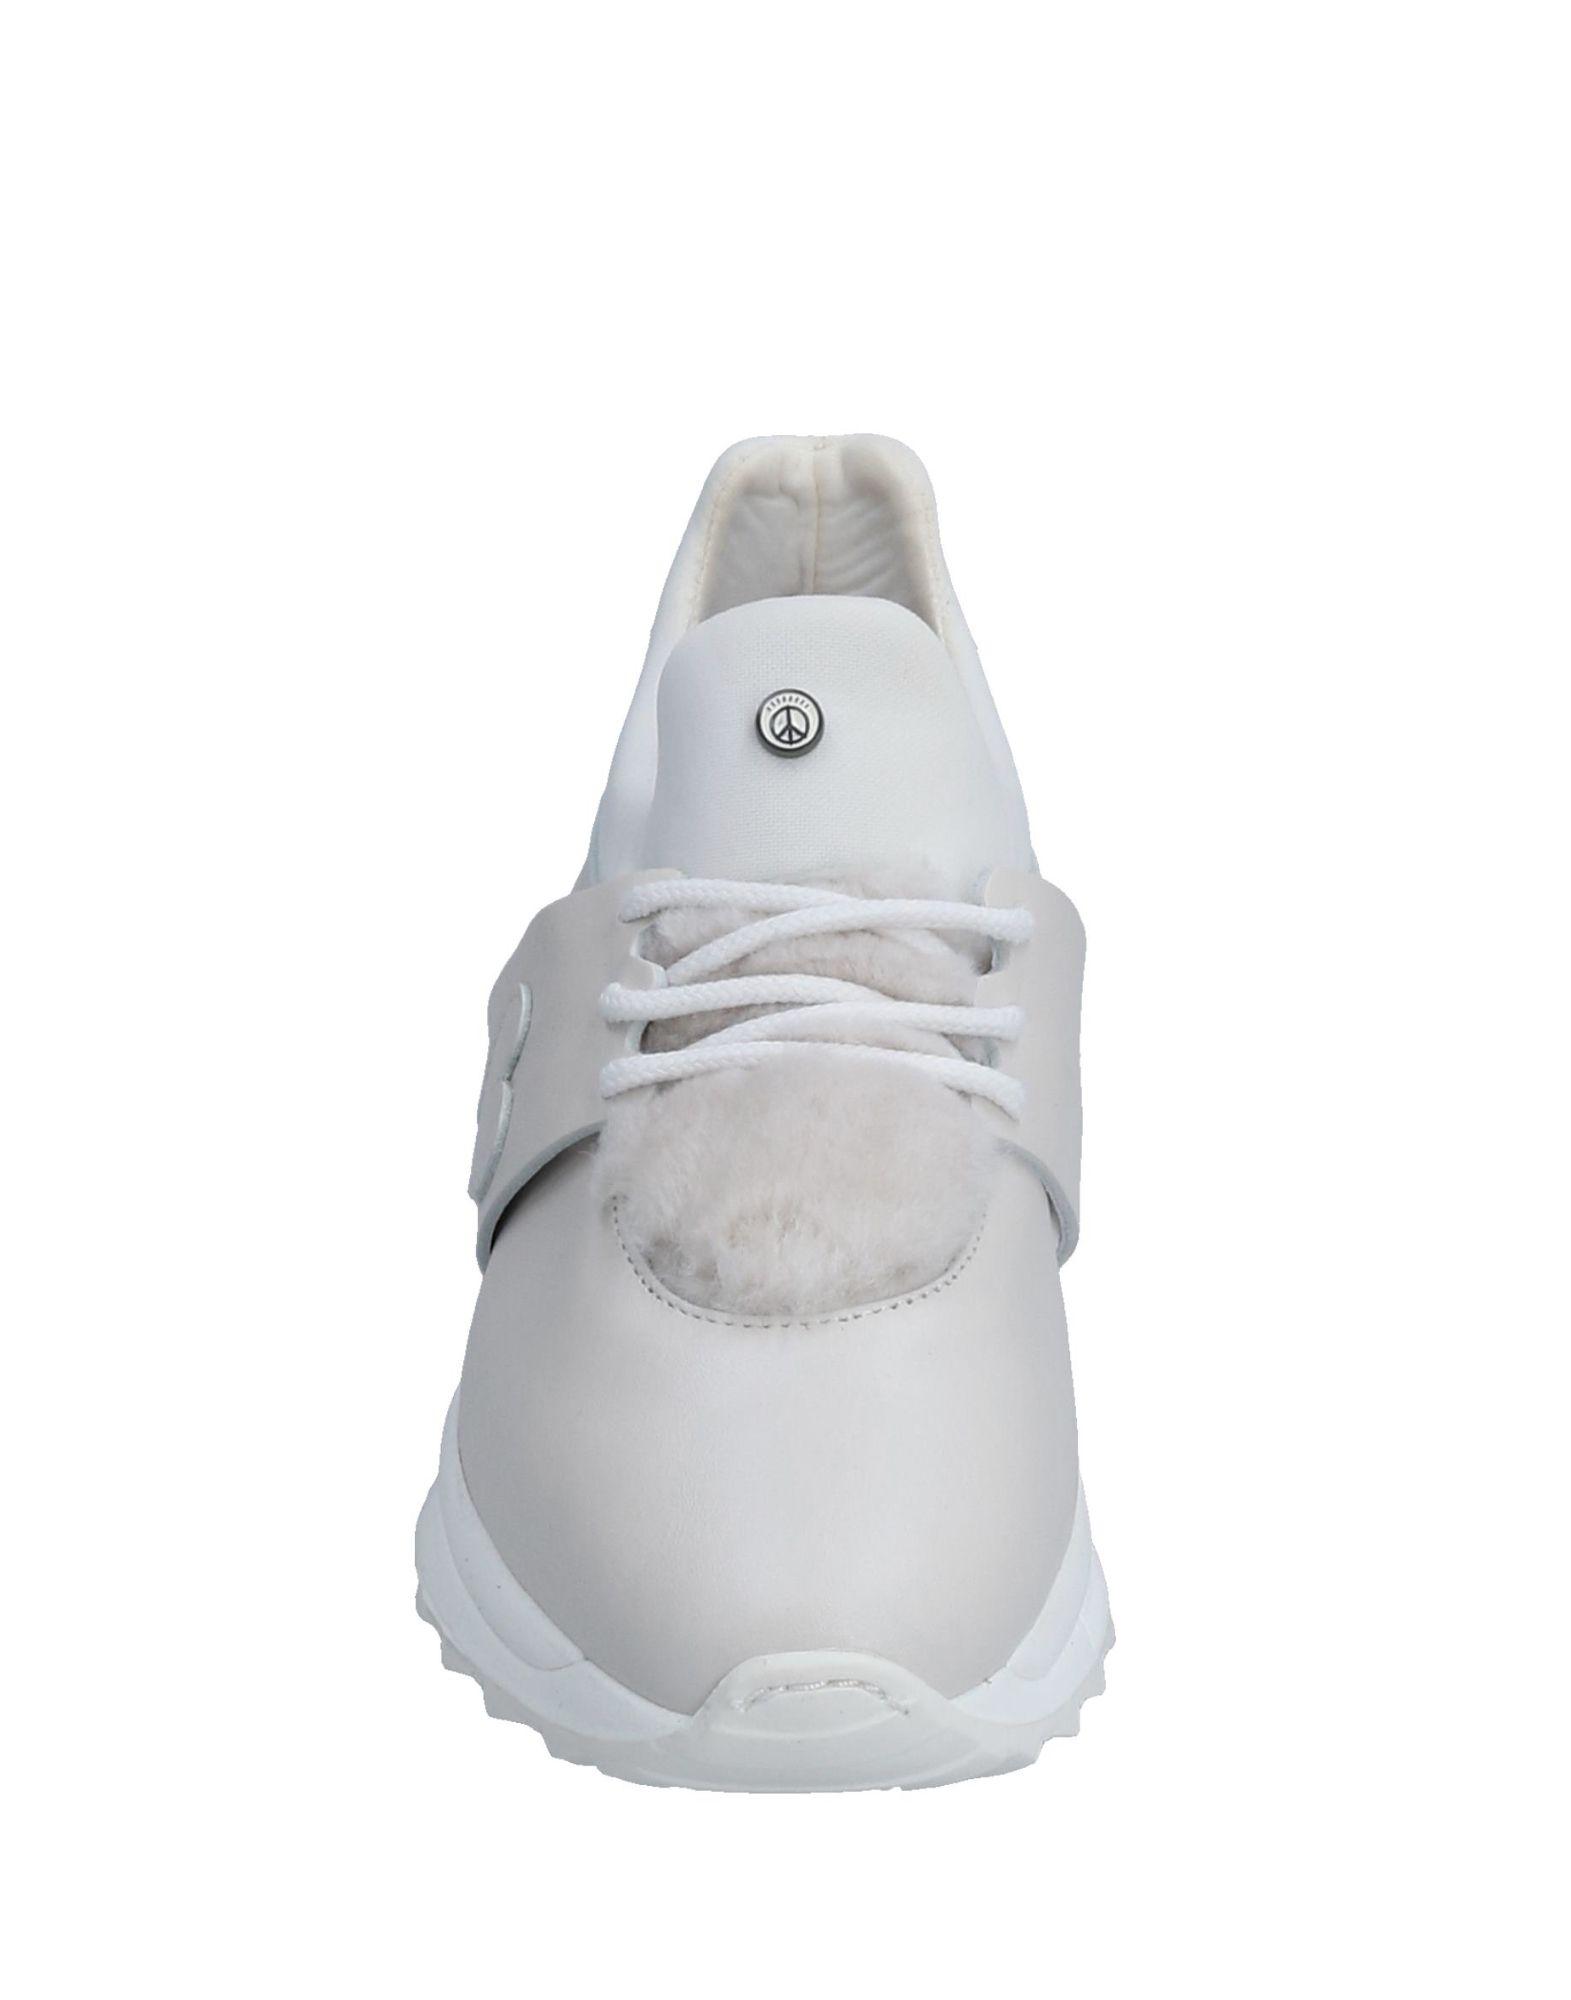 Dolfie Gute Sneakers Damen  11527951QG Gute Dolfie Qualität beliebte Schuhe 359f89